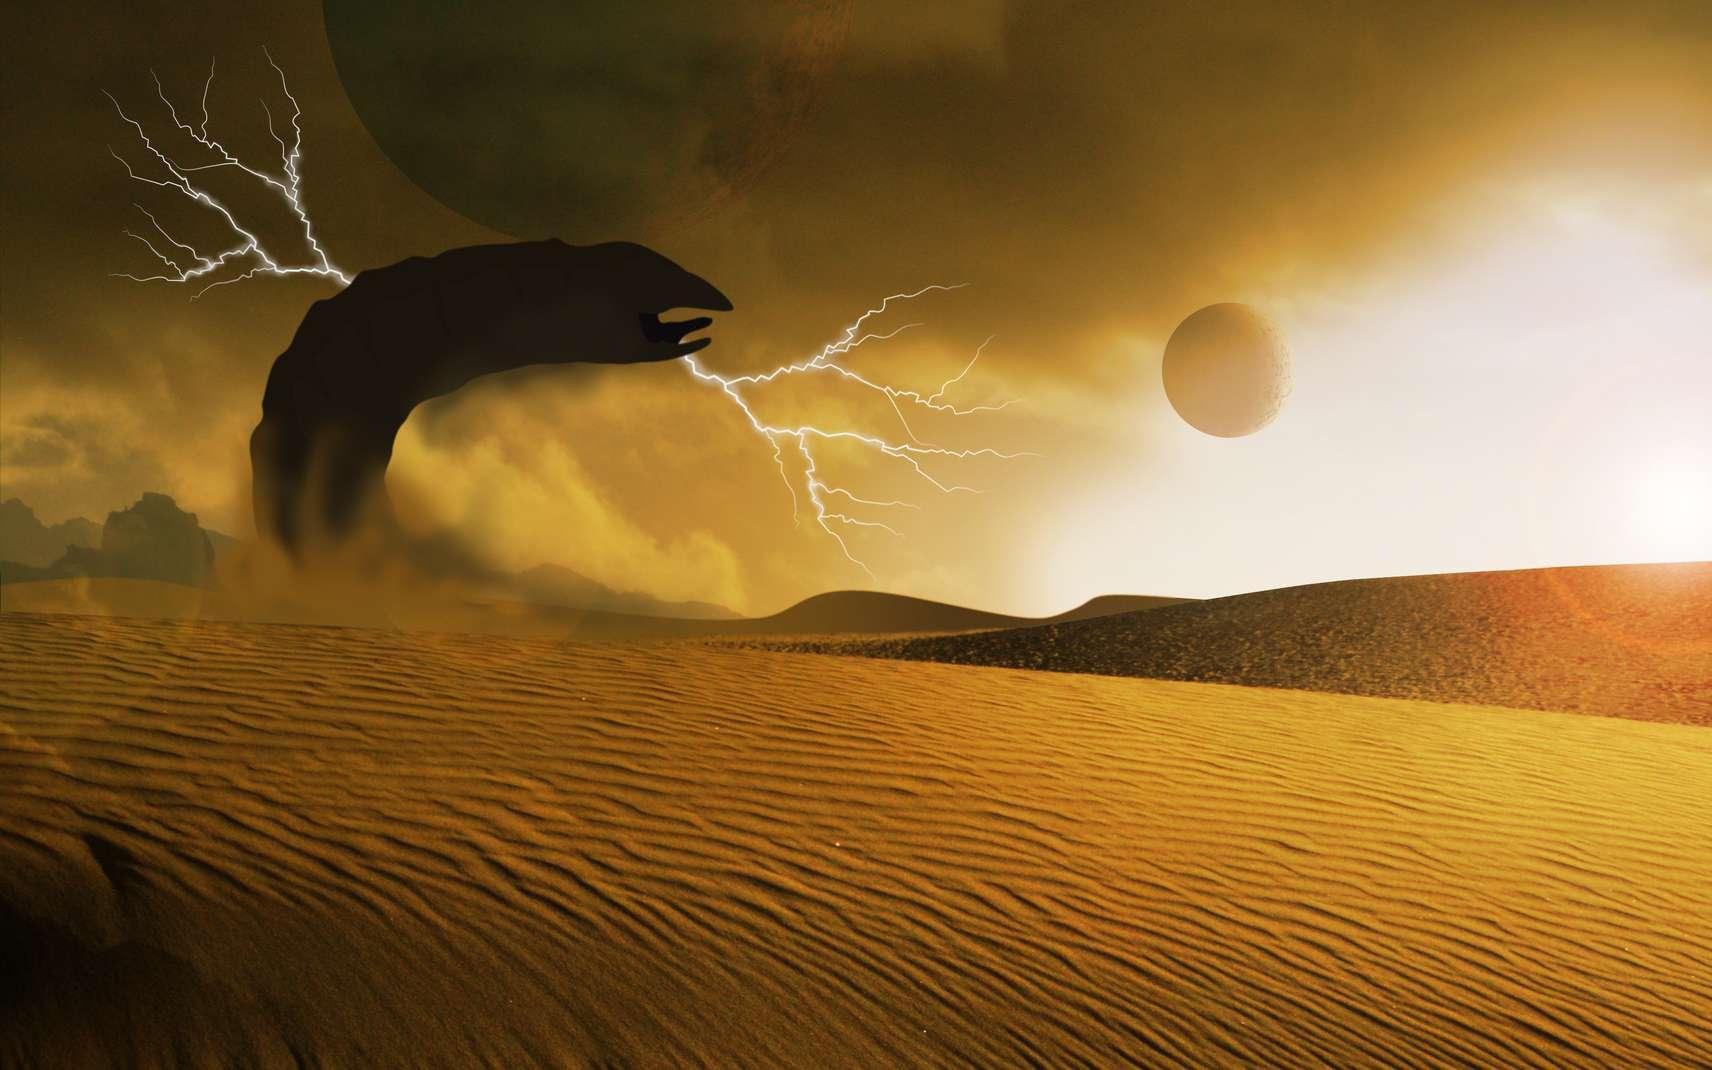 Un des plus grands dangers du désert d'Arrakis sont les Vers, gardiens de l'Epice. © Stuart, Fotolia